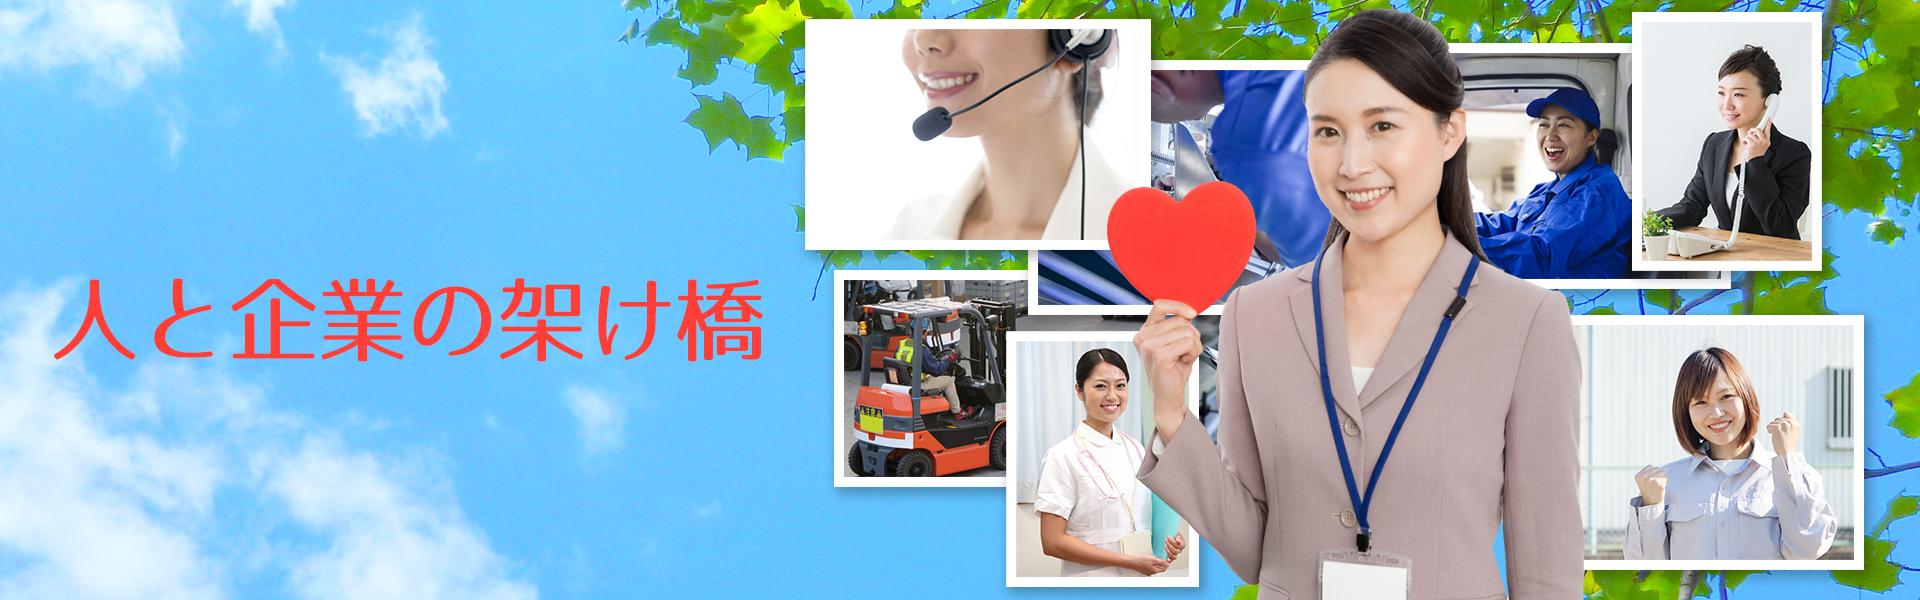 奈良の人材派遣サービスは キーポイントスタッフ